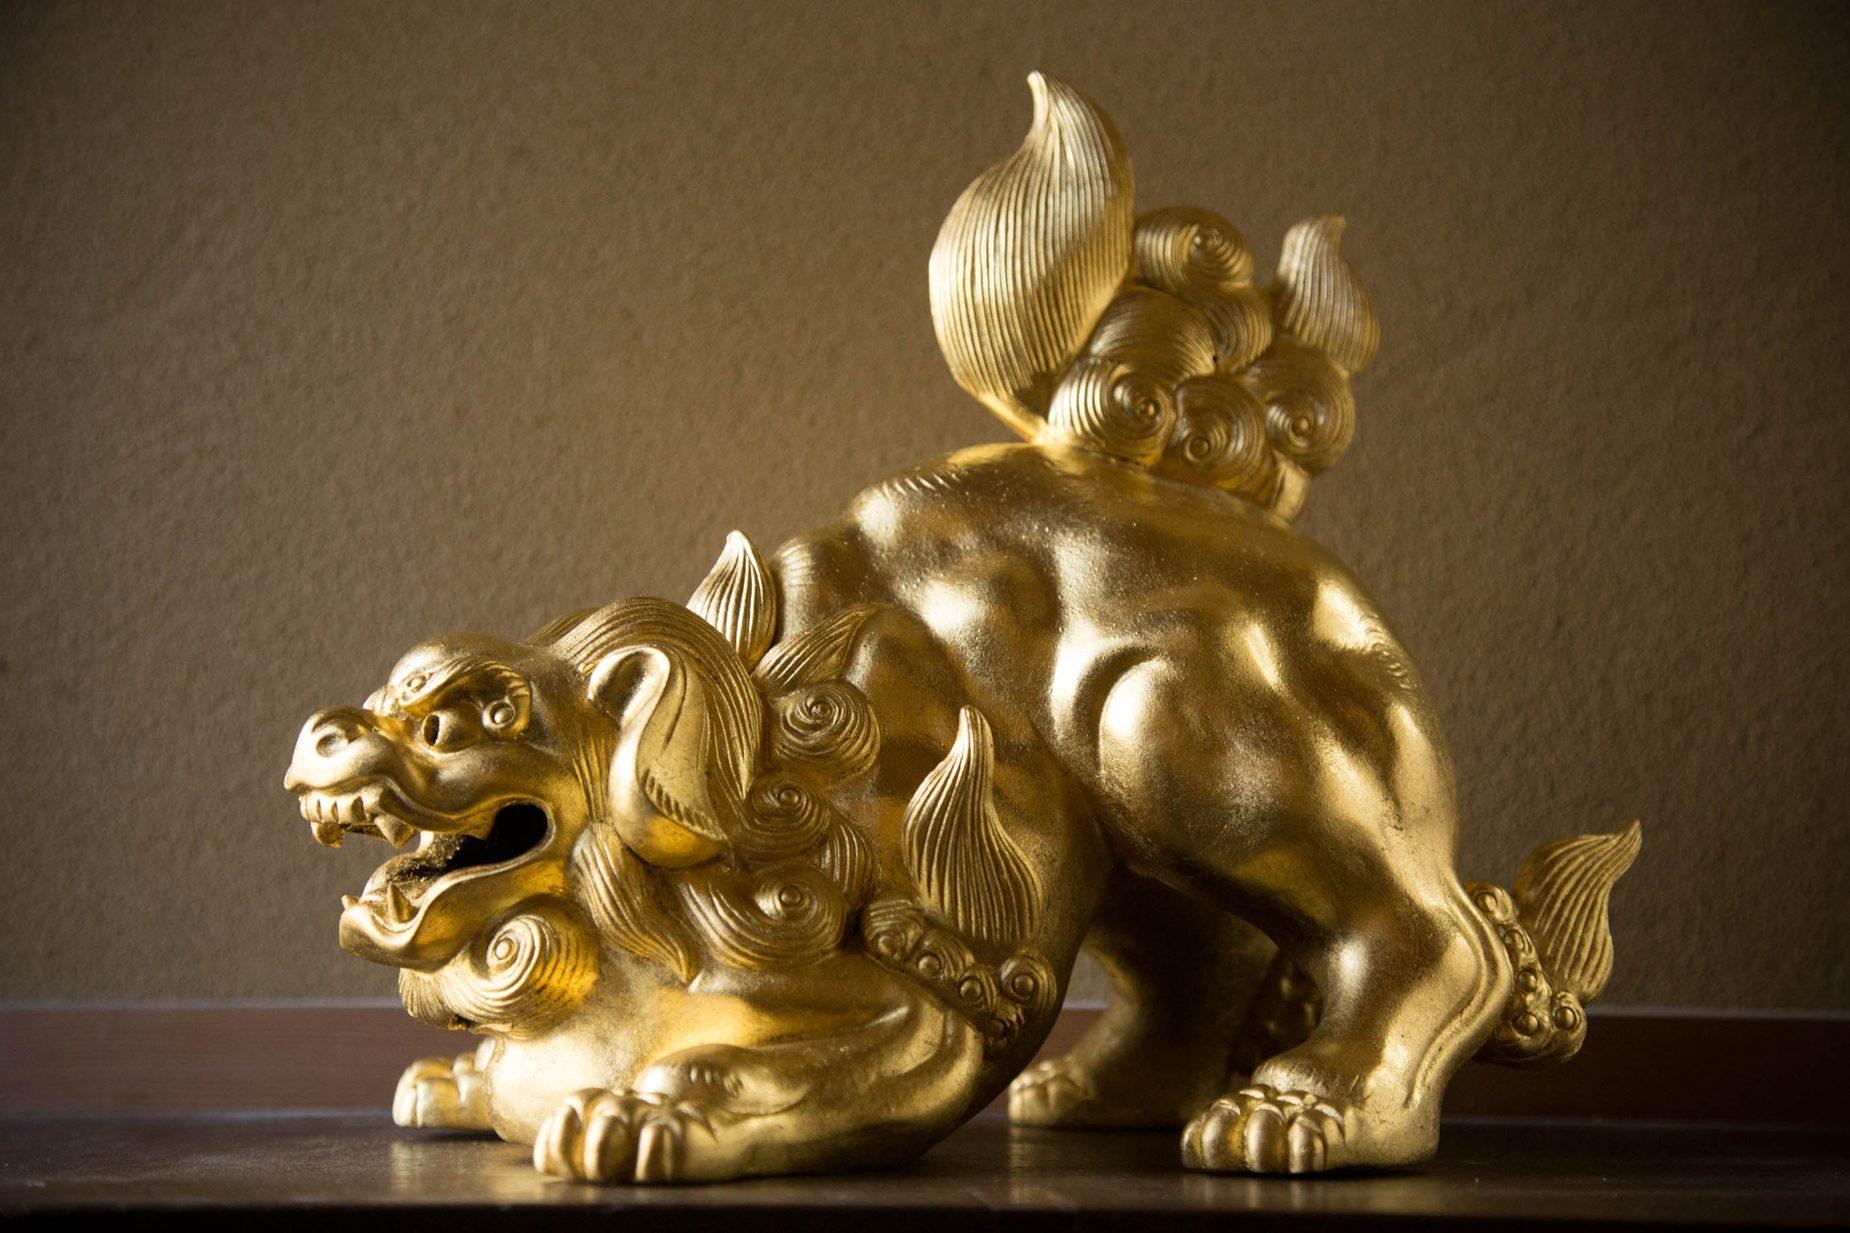 藤澤さんの作品。凹凸の面にシワなく押された金に技術の高さを感じます。